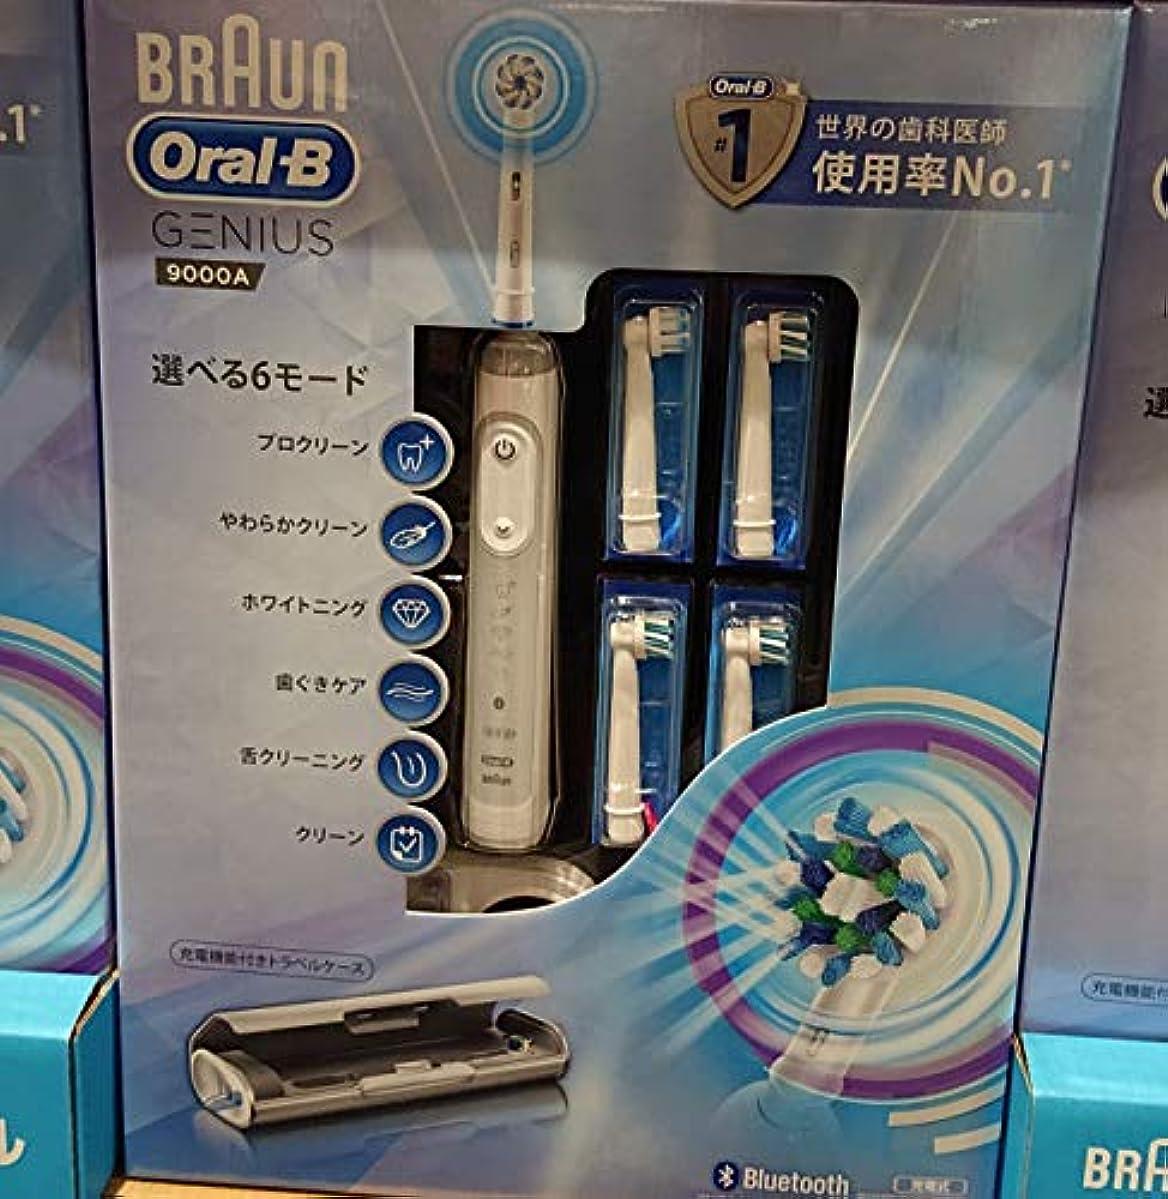 戸口制限された小石BRAUN ブラウン ORAL-B 電動歯ブラシ GENIUS 替えブラシ/充電器付き